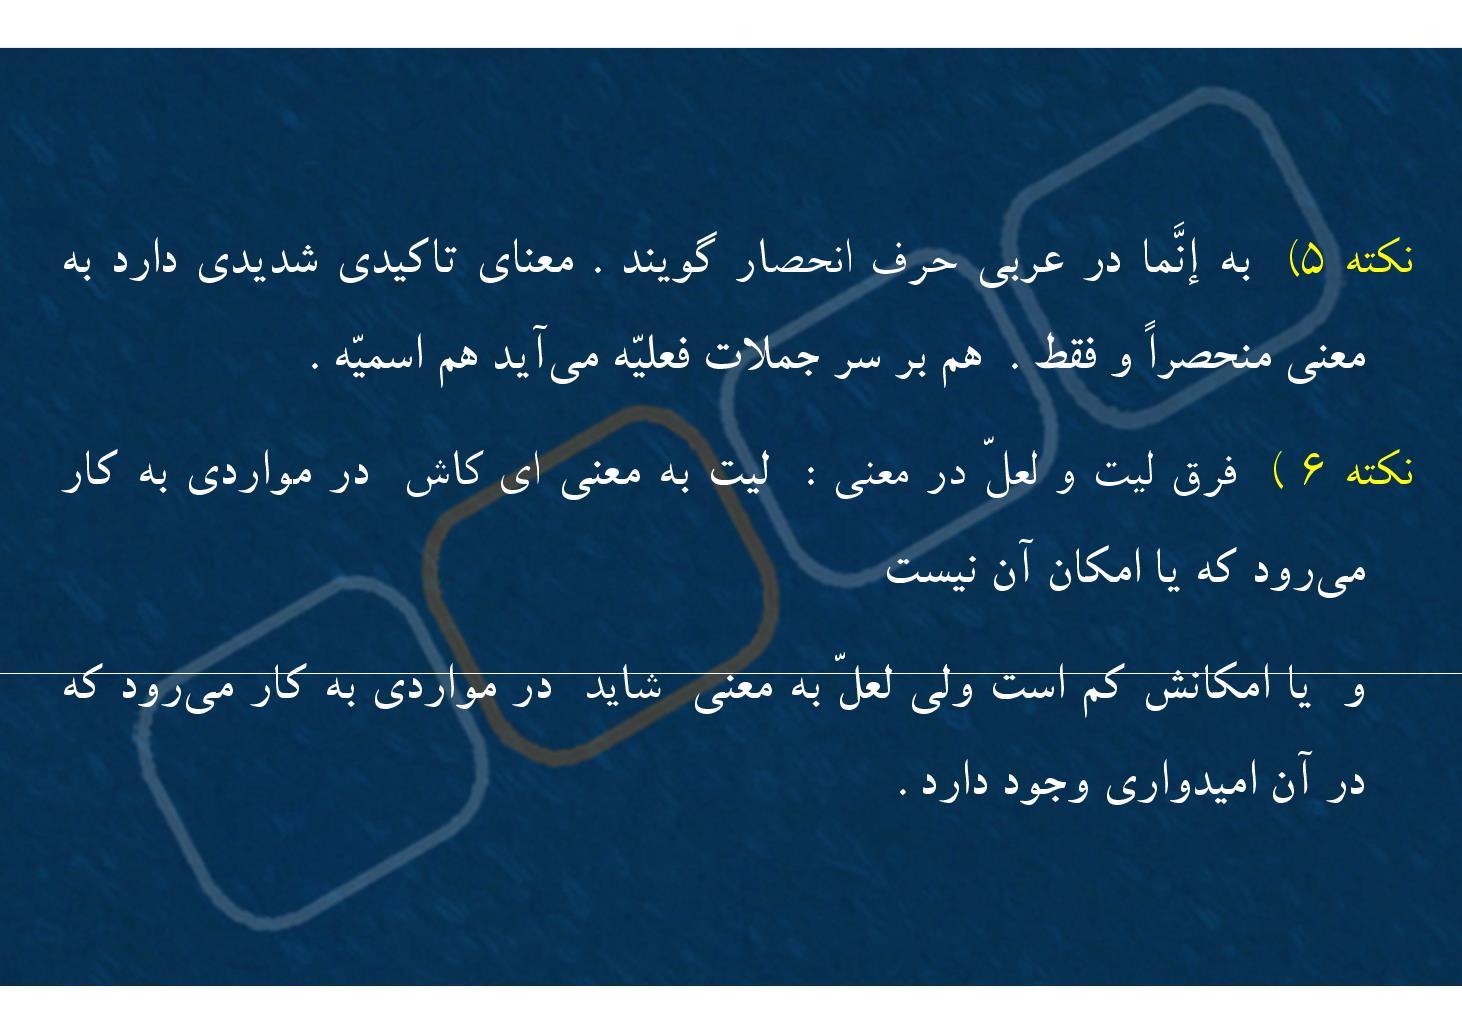 عربی ٢- درس ١٠- حروف مشبهه بالفعل- بخش ٢ (PDF)